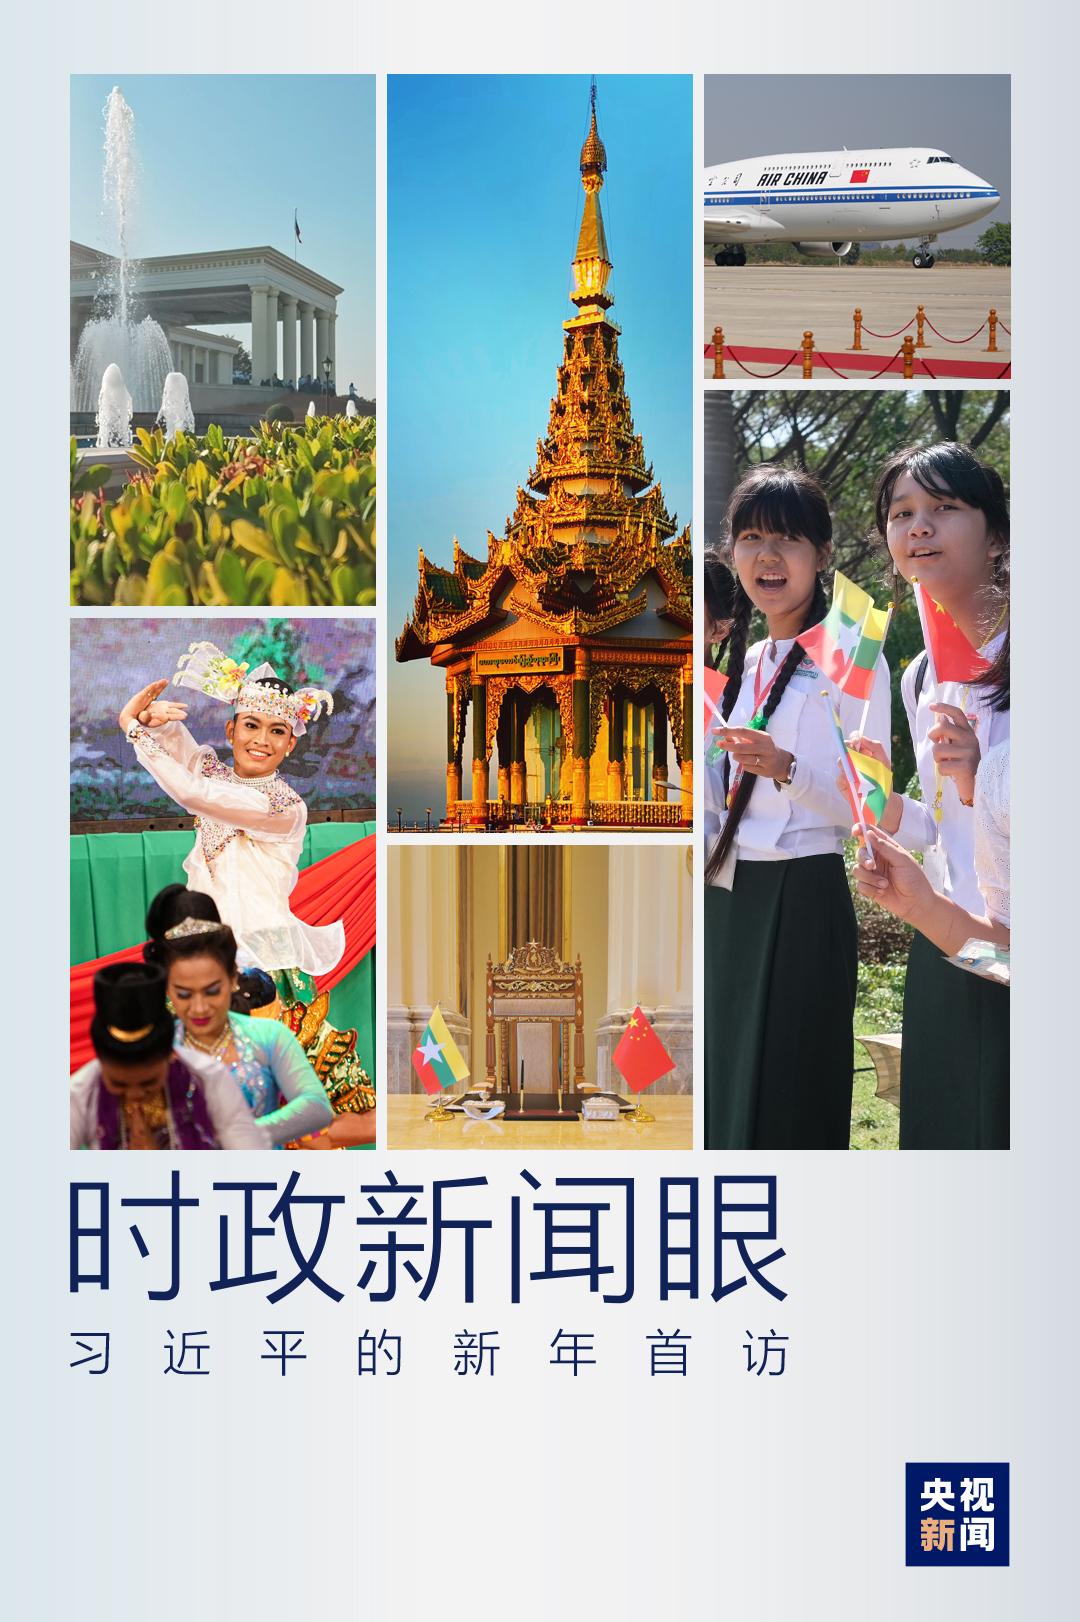 时政新闻眼丨新年首访到缅甸,习近平透露这层深意